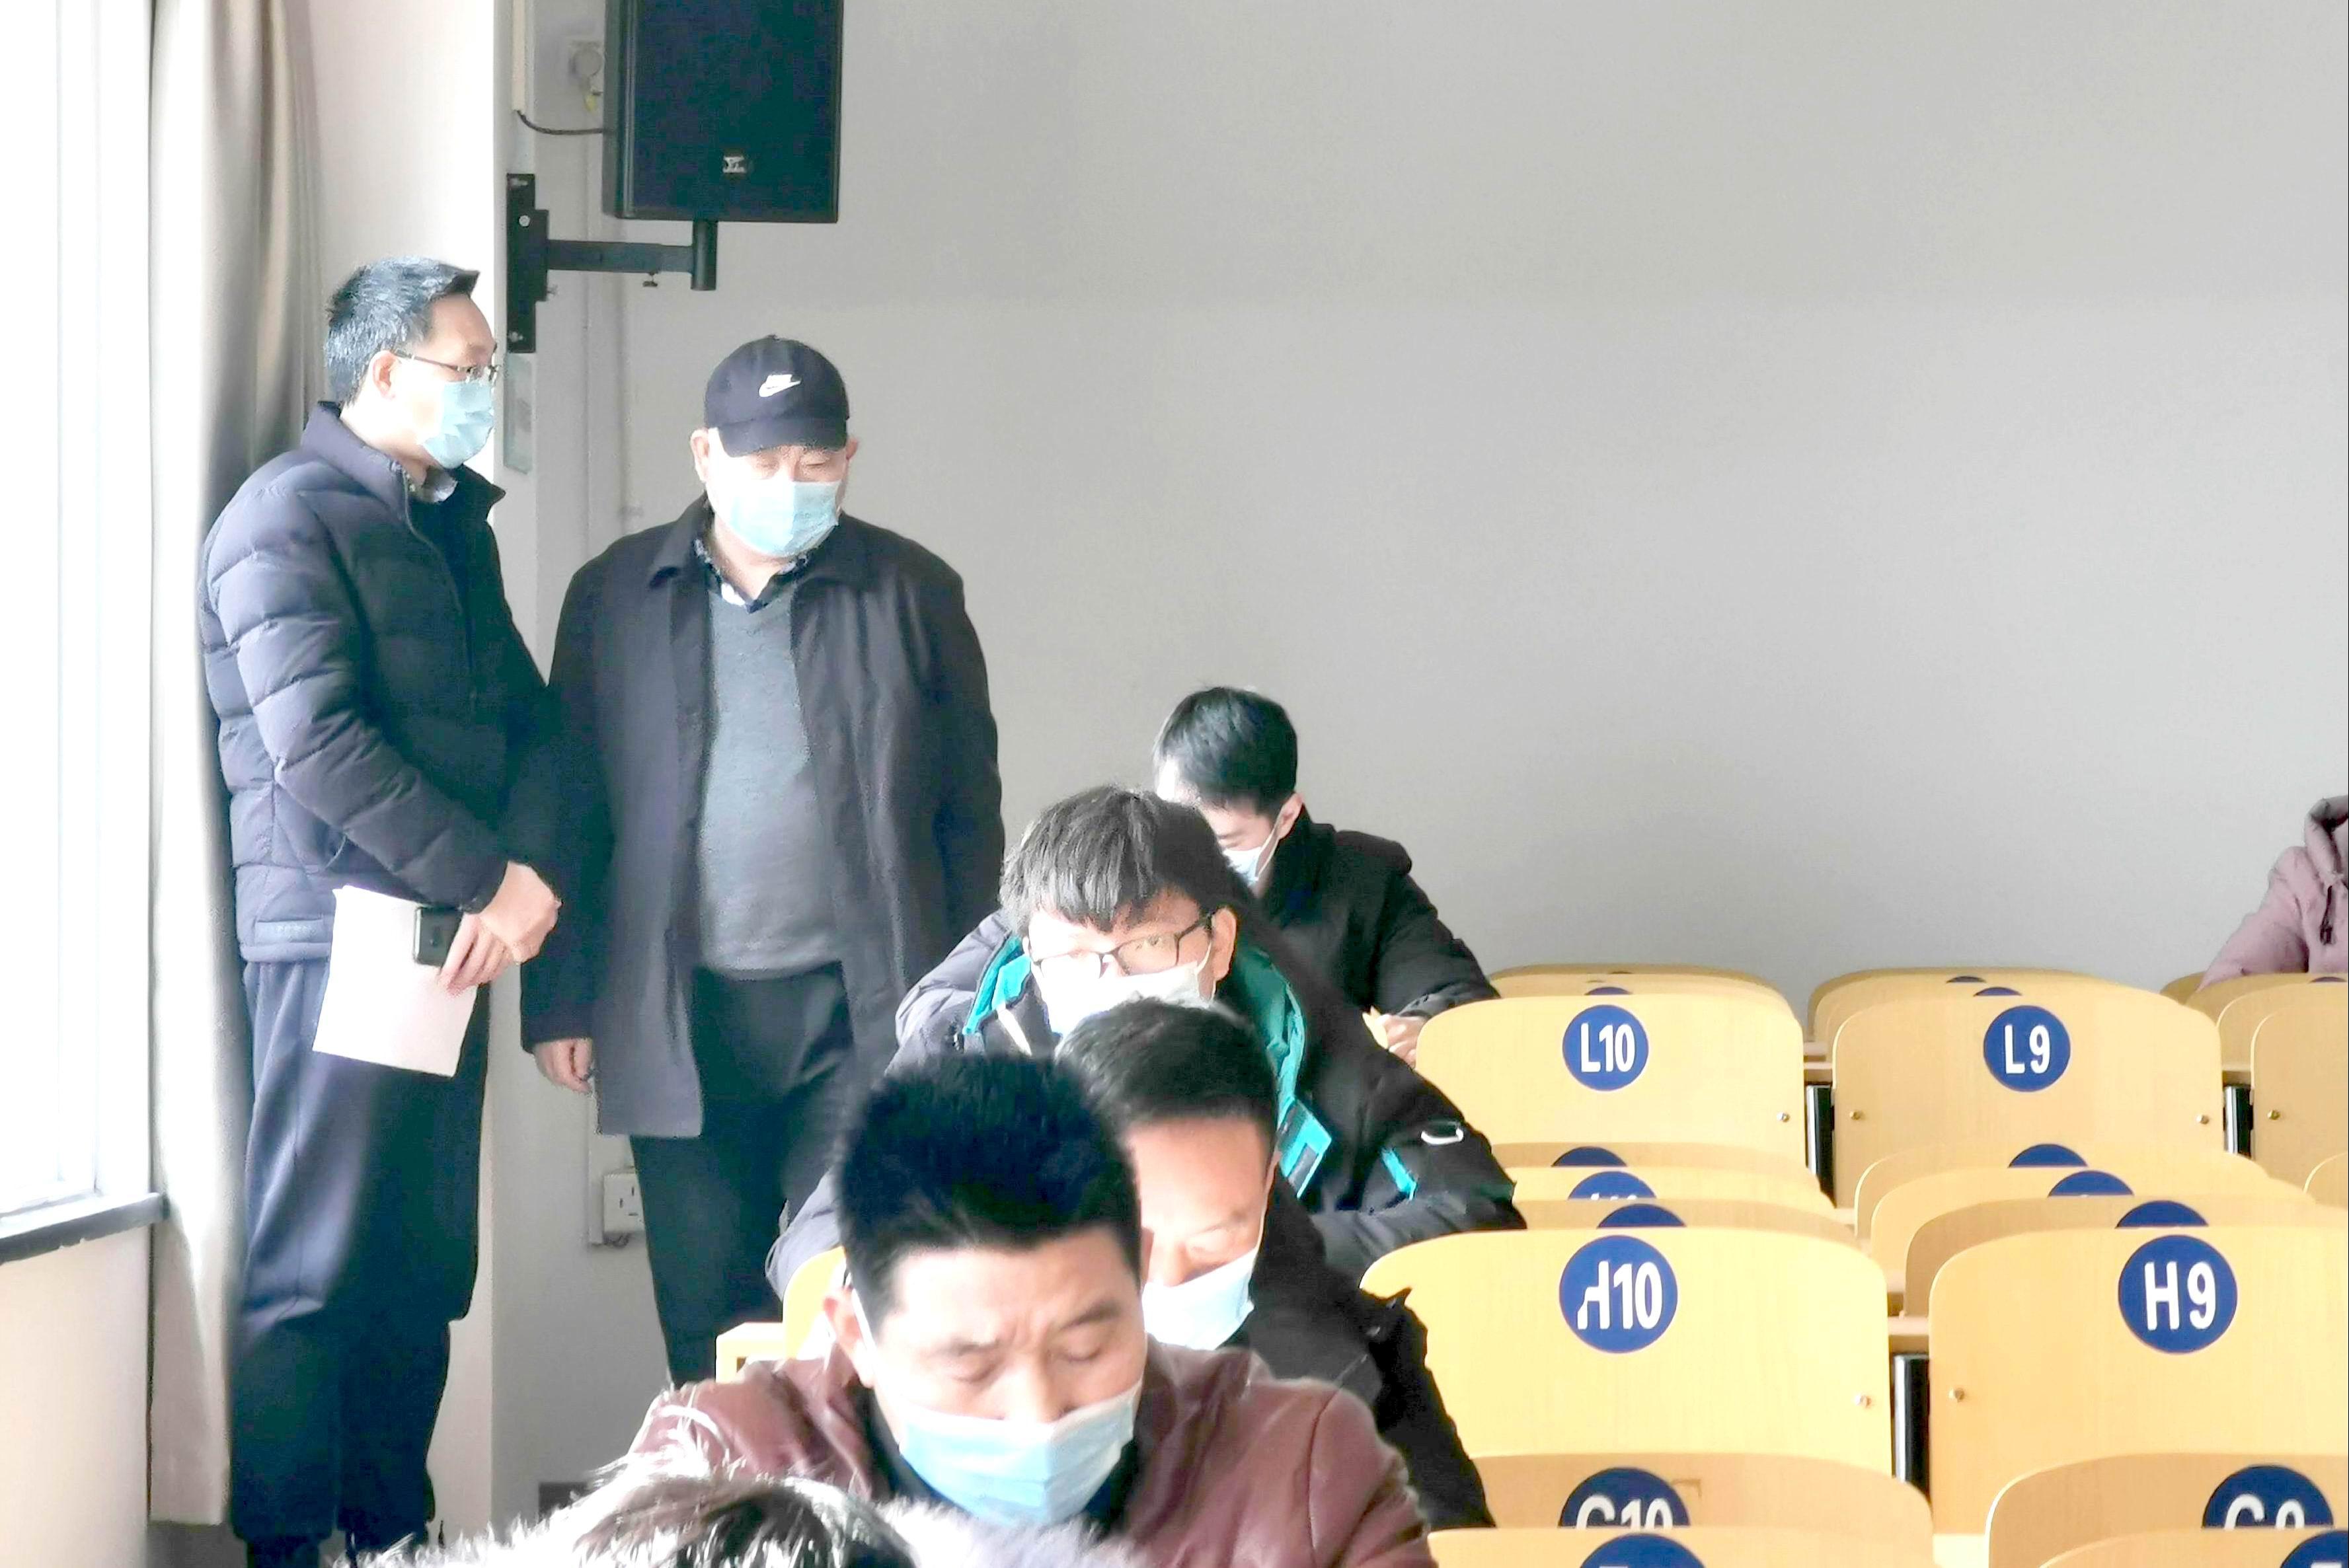 市城鄉建設局總工王榮村蒞臨見證取樣員取證考試現場巡考